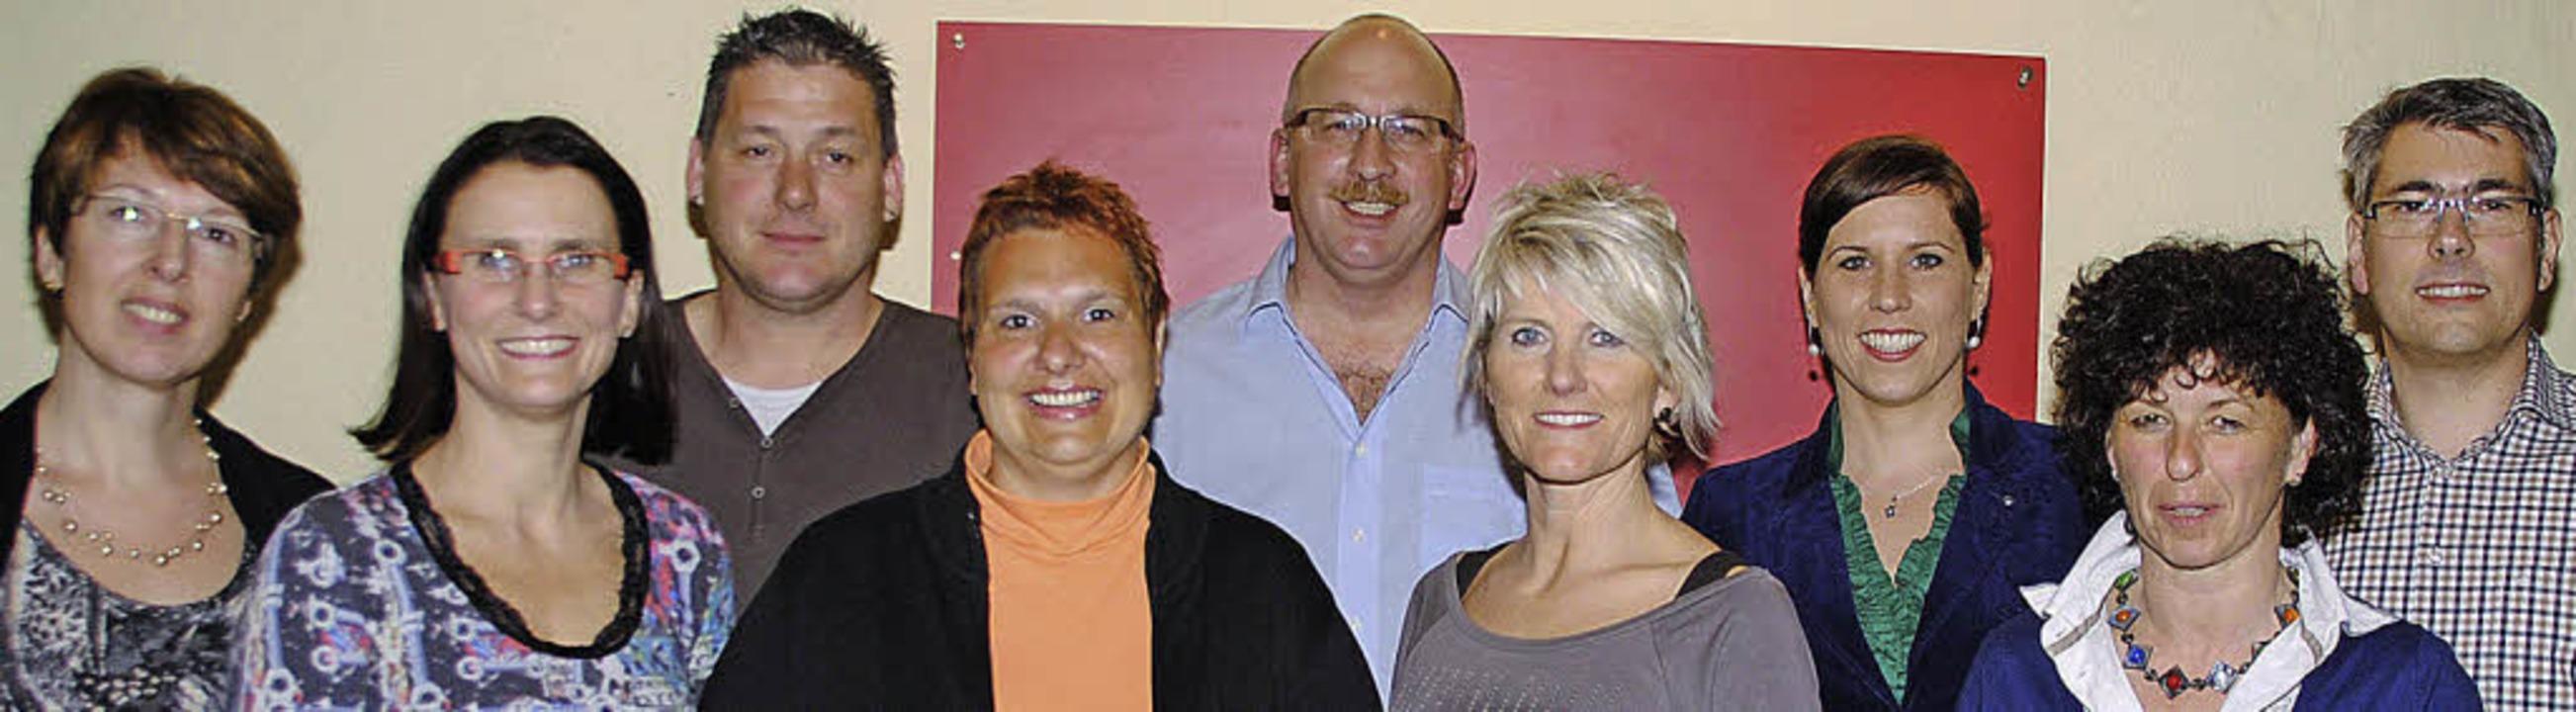 Der Vorstand mit Xenia Schopp, Beate K...le und Peer Nils Schröder (von links)   | Foto: SEDLAK